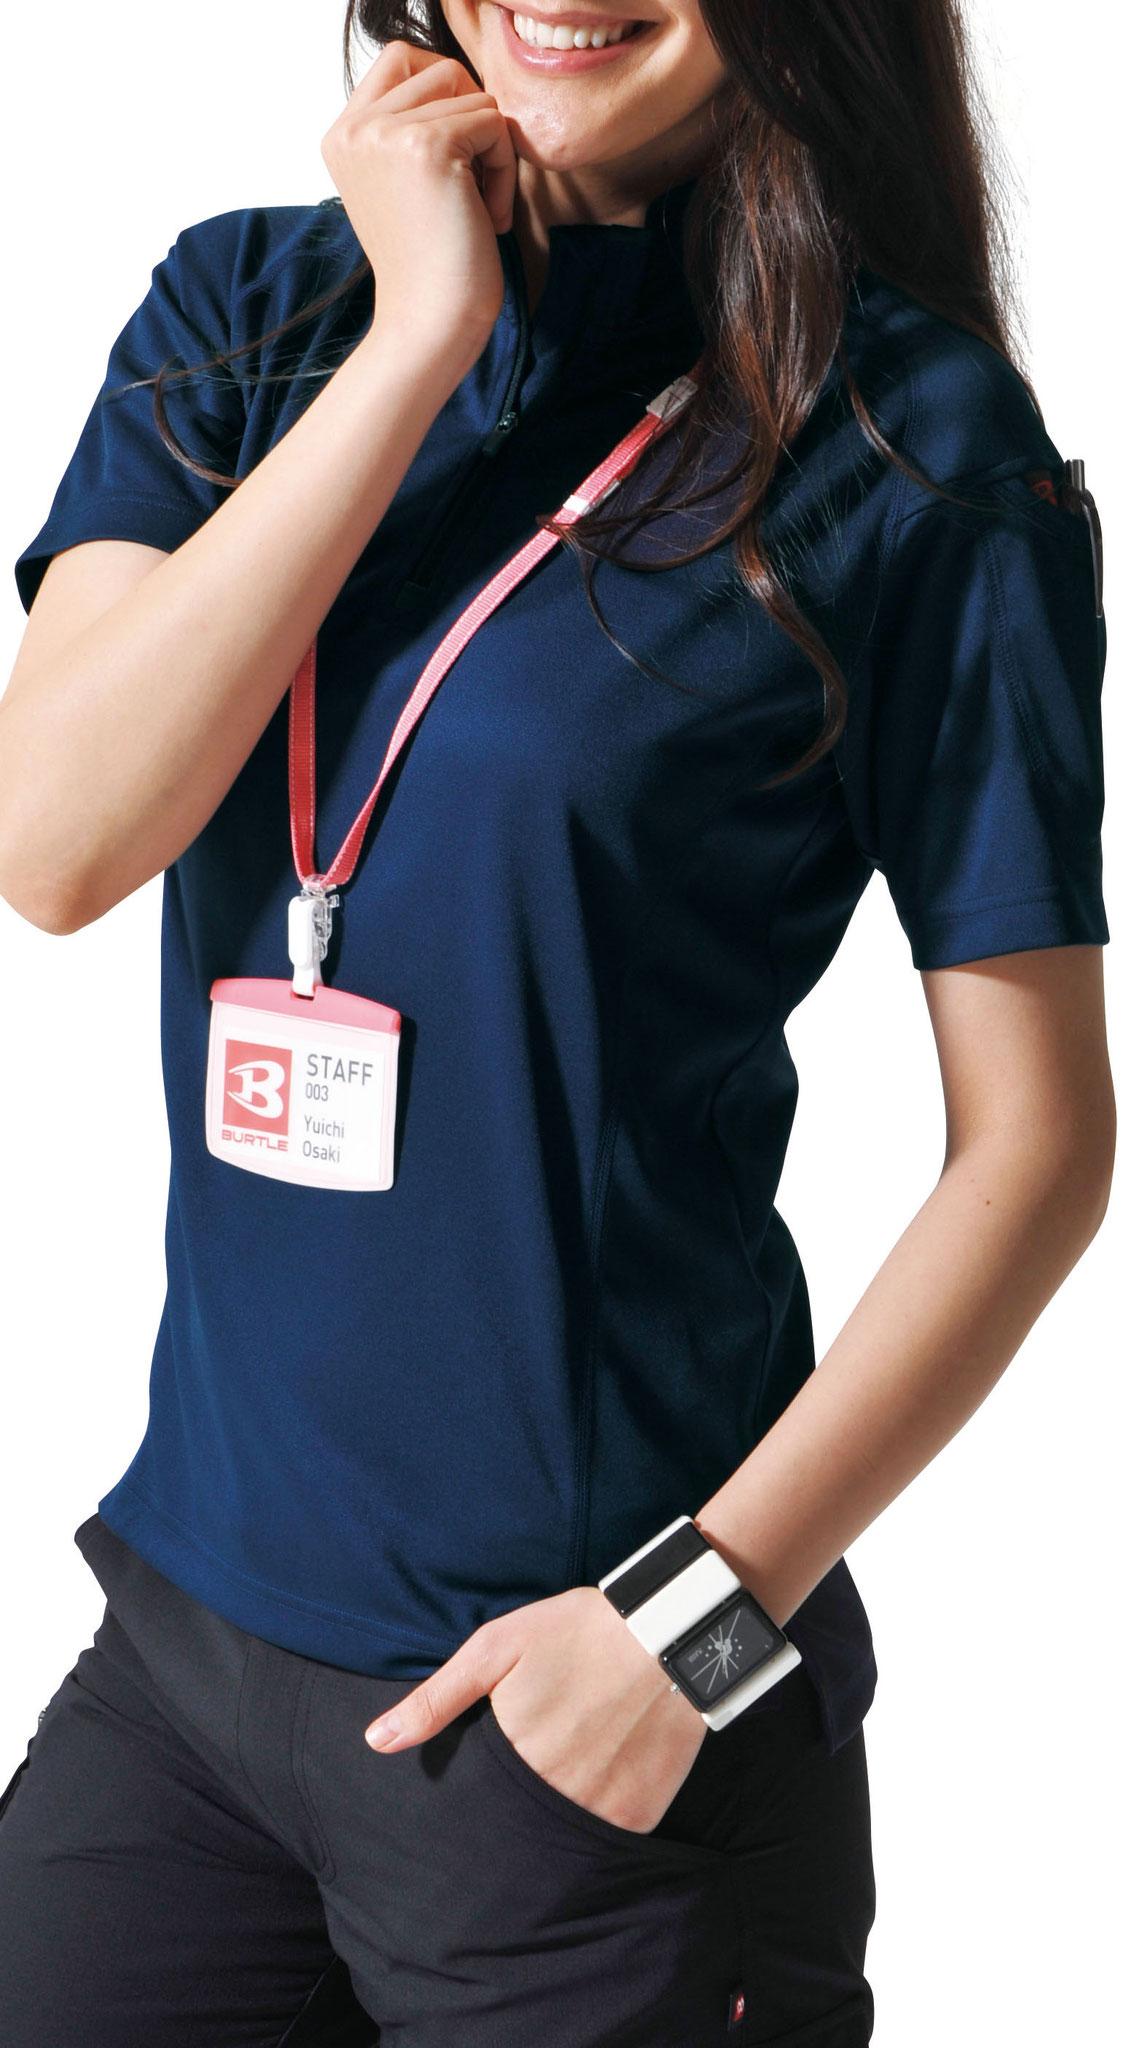 BURTLE 415 半袖ジップシャツもあります。こちらも地域1番やしー価格 ¥1,595(税込)で販売中!!